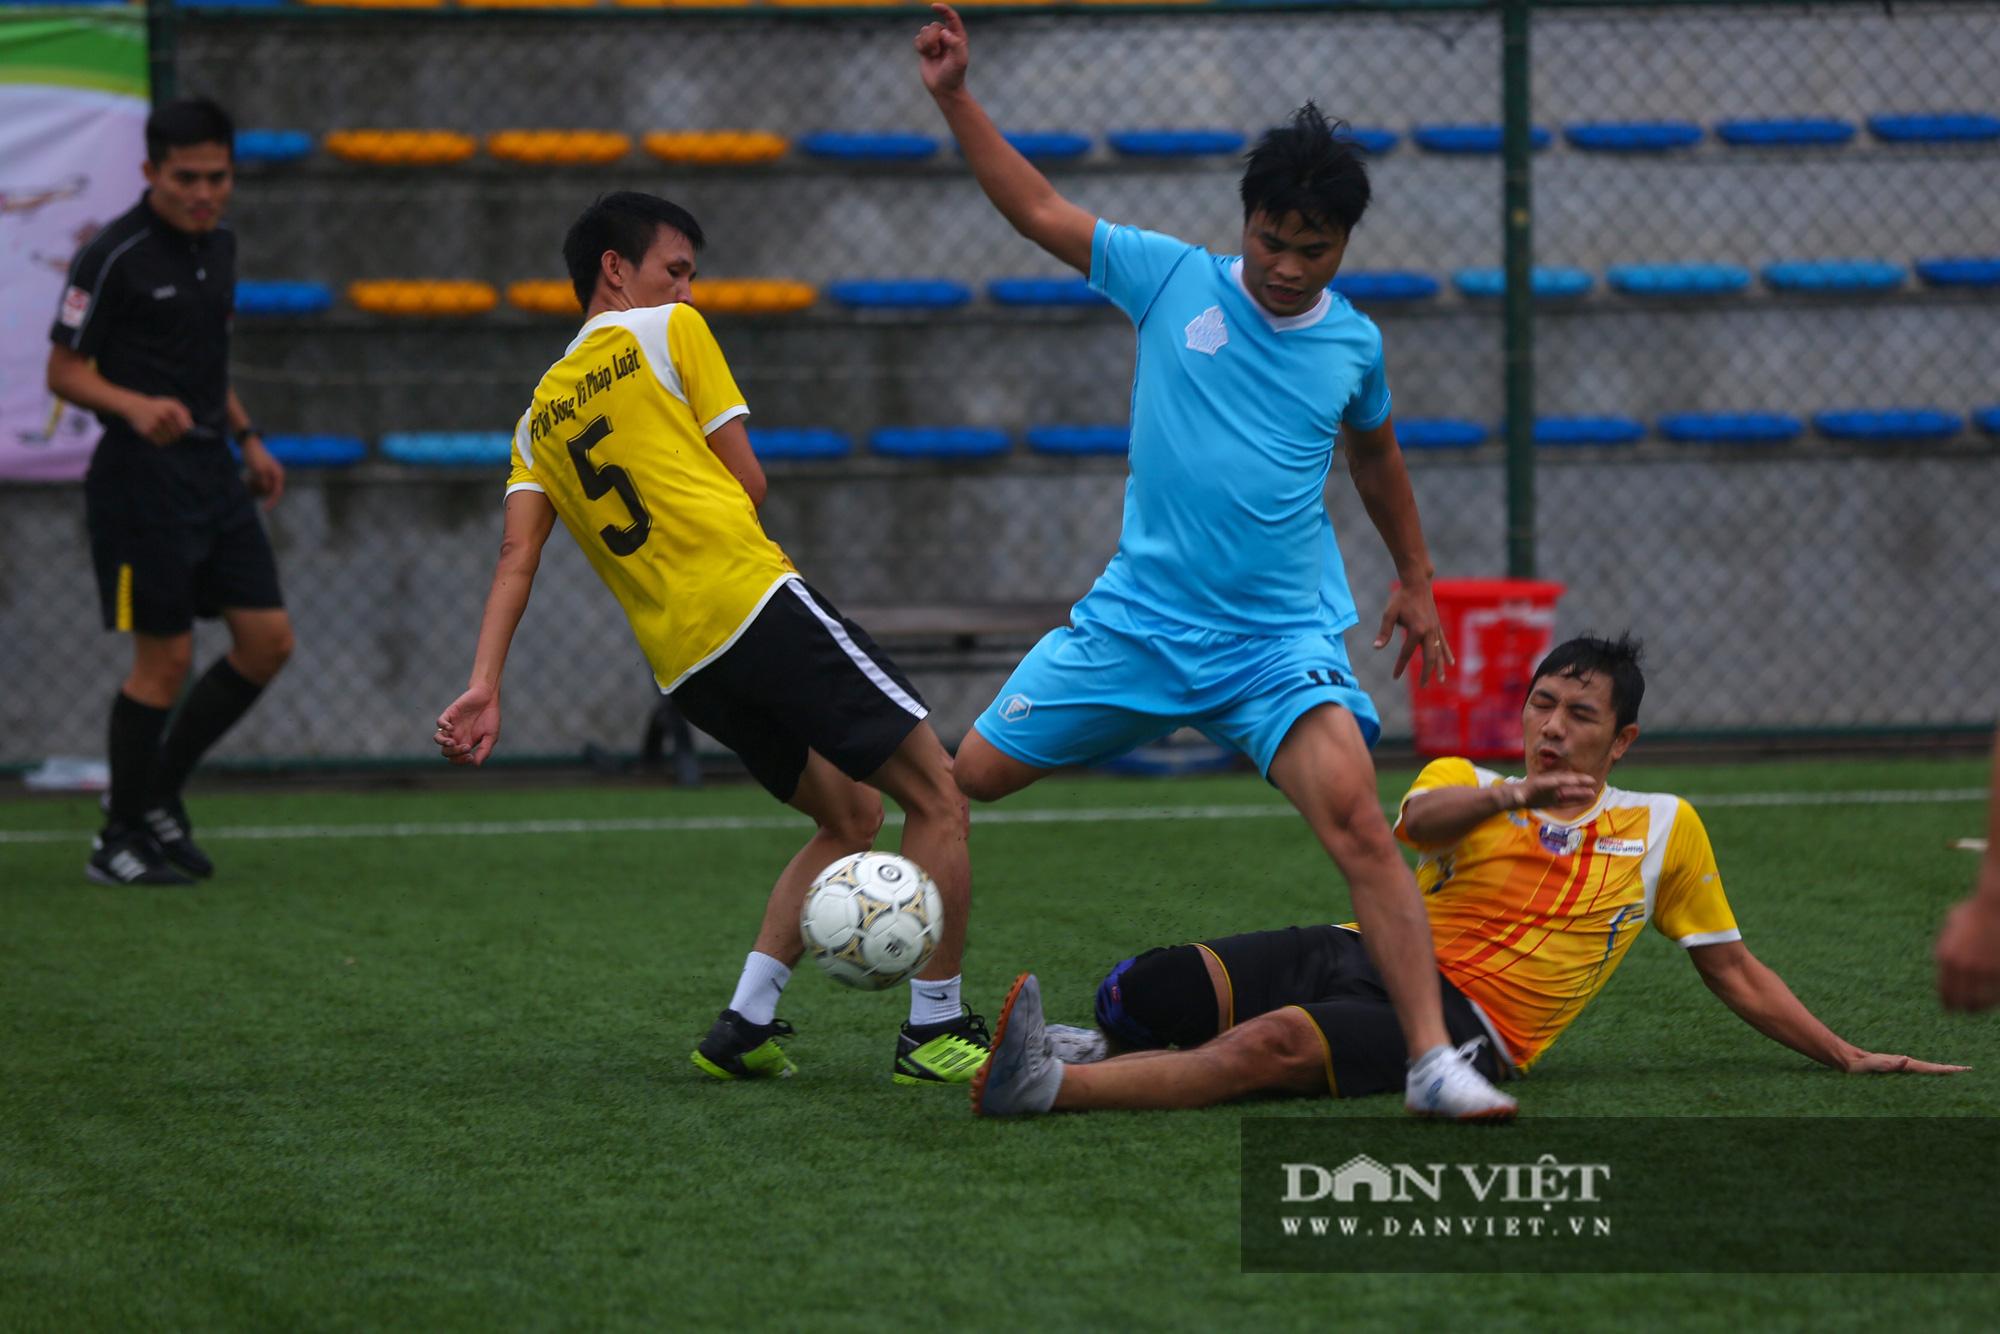 Khoảnh khắc lượt trận cuối cùng vòng bảng giải bóng đá báo NTNN/Dân Việt  - Ảnh 15.